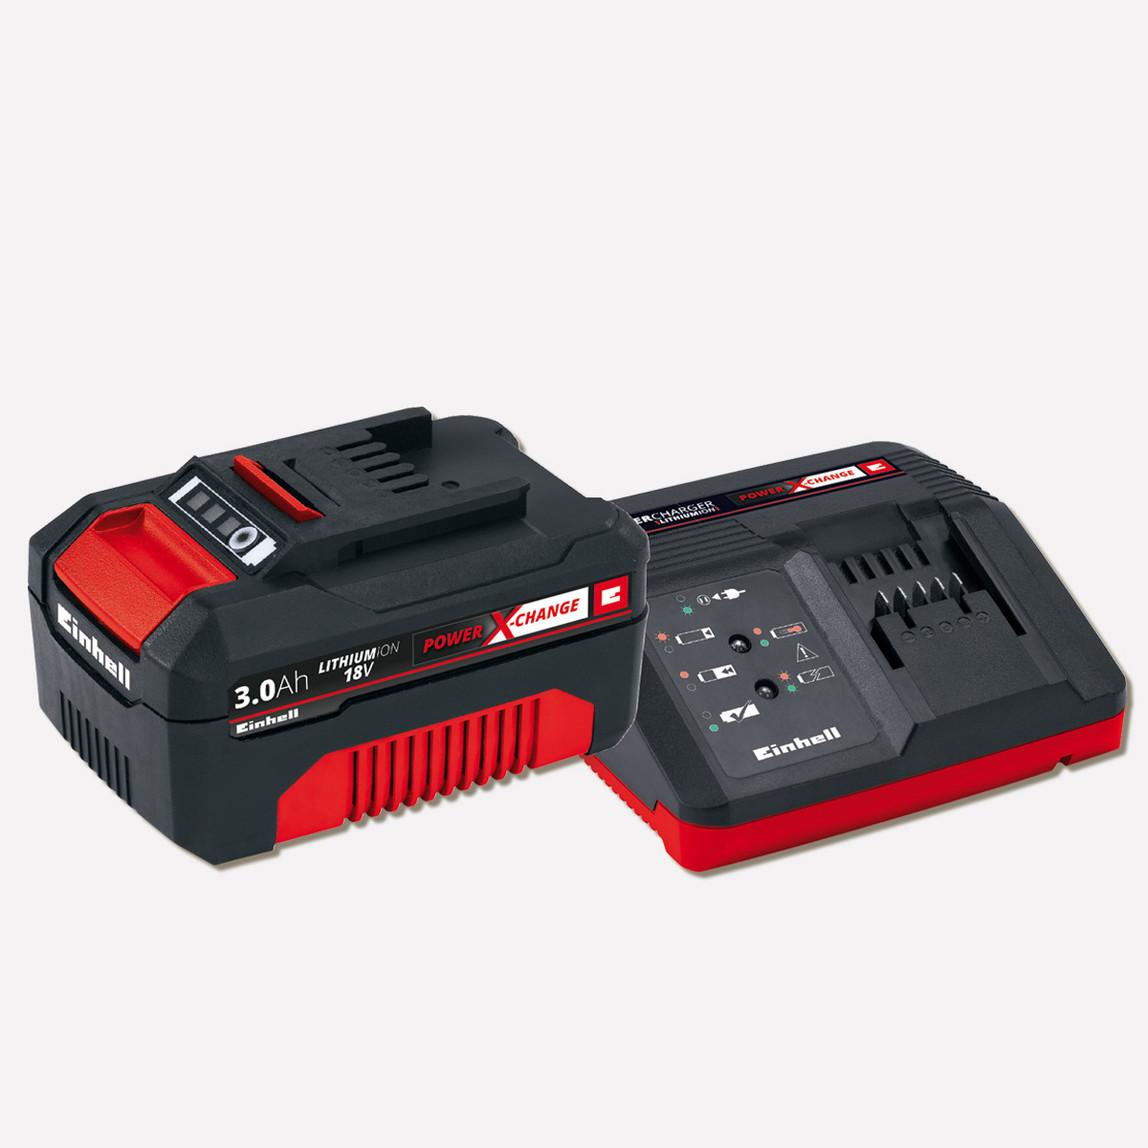 Einhell 18 V 3.0 Ah Power X-Change Starter Kit Fast Charger